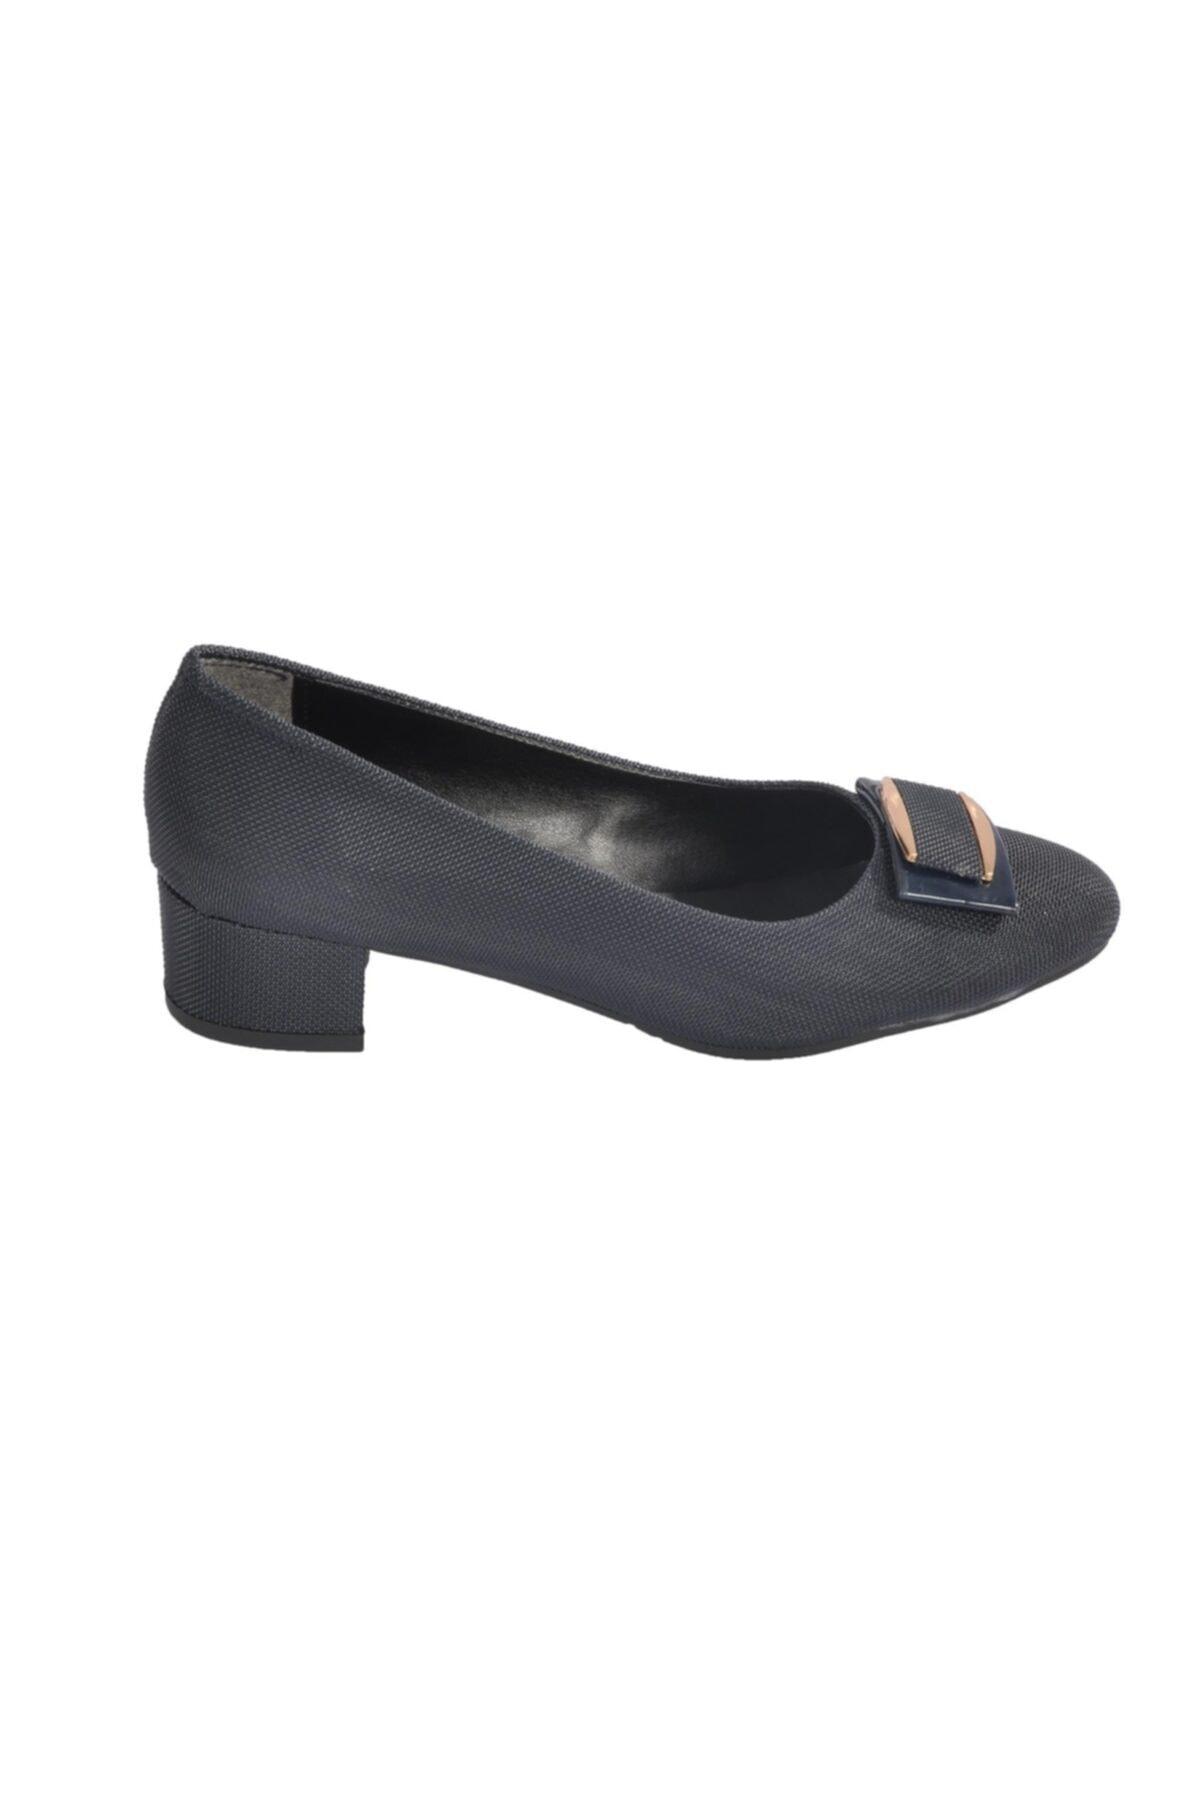 Maje Kadın Lacivert  Topuklu Ayakkabı 6032 2